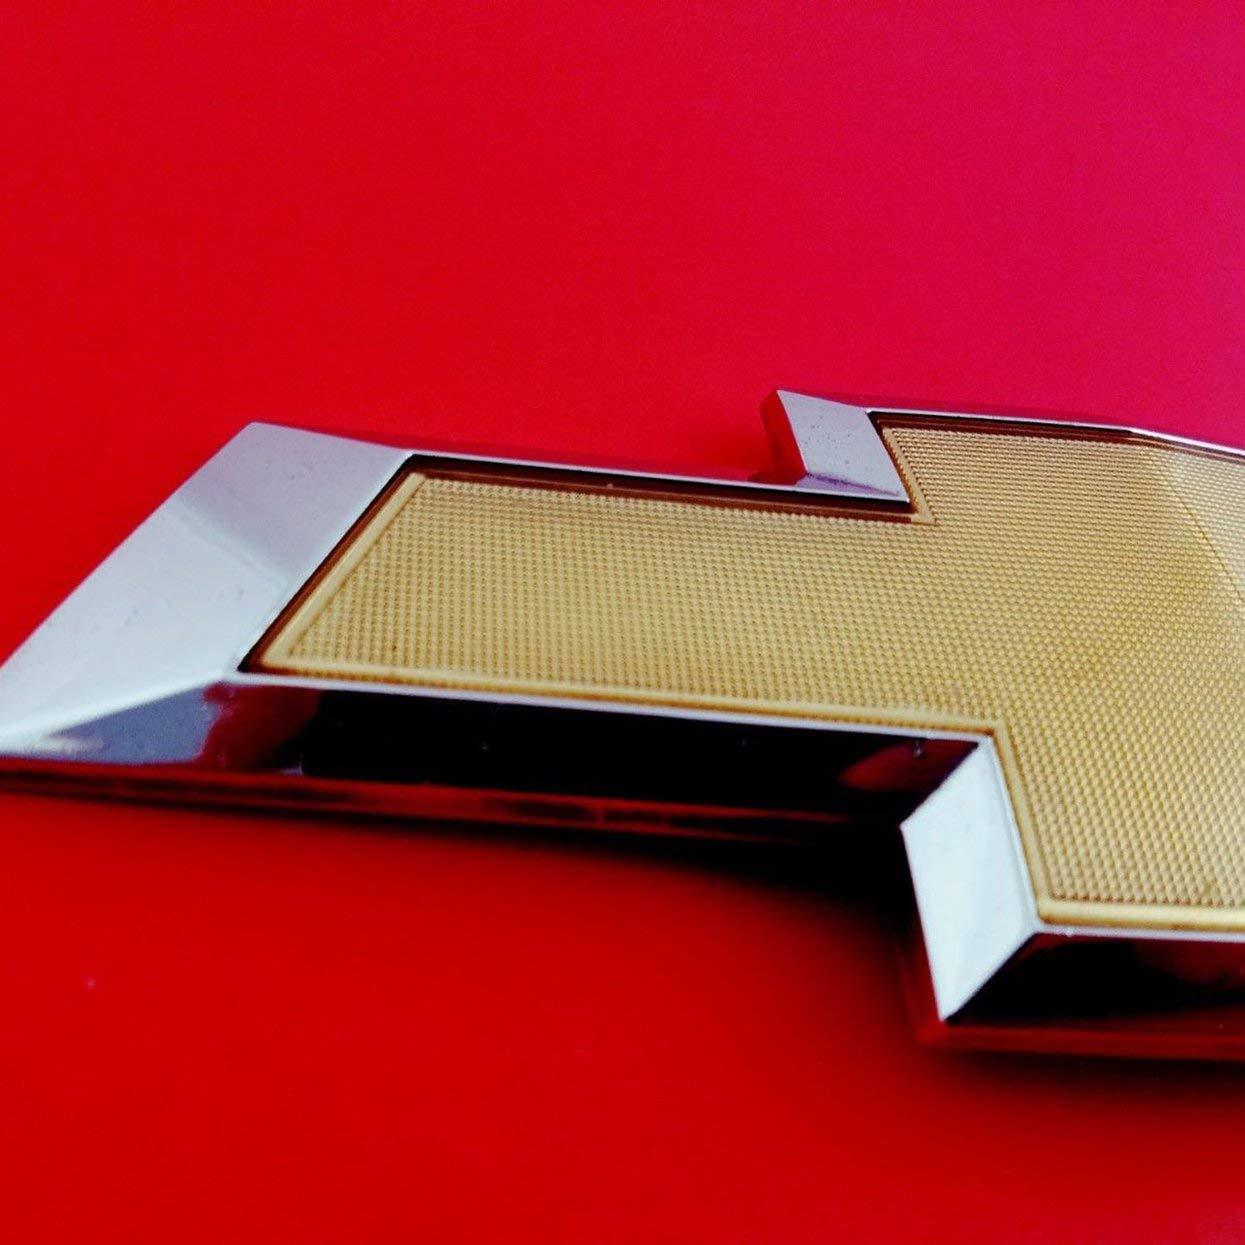 Tree-on-Life Chrome Logo Sign 3D Auto Auto Kofferraum Emblem Abzeichen Selbstklebende Typenschild f/ür Chevrolet Cruze Autozubeh/ör